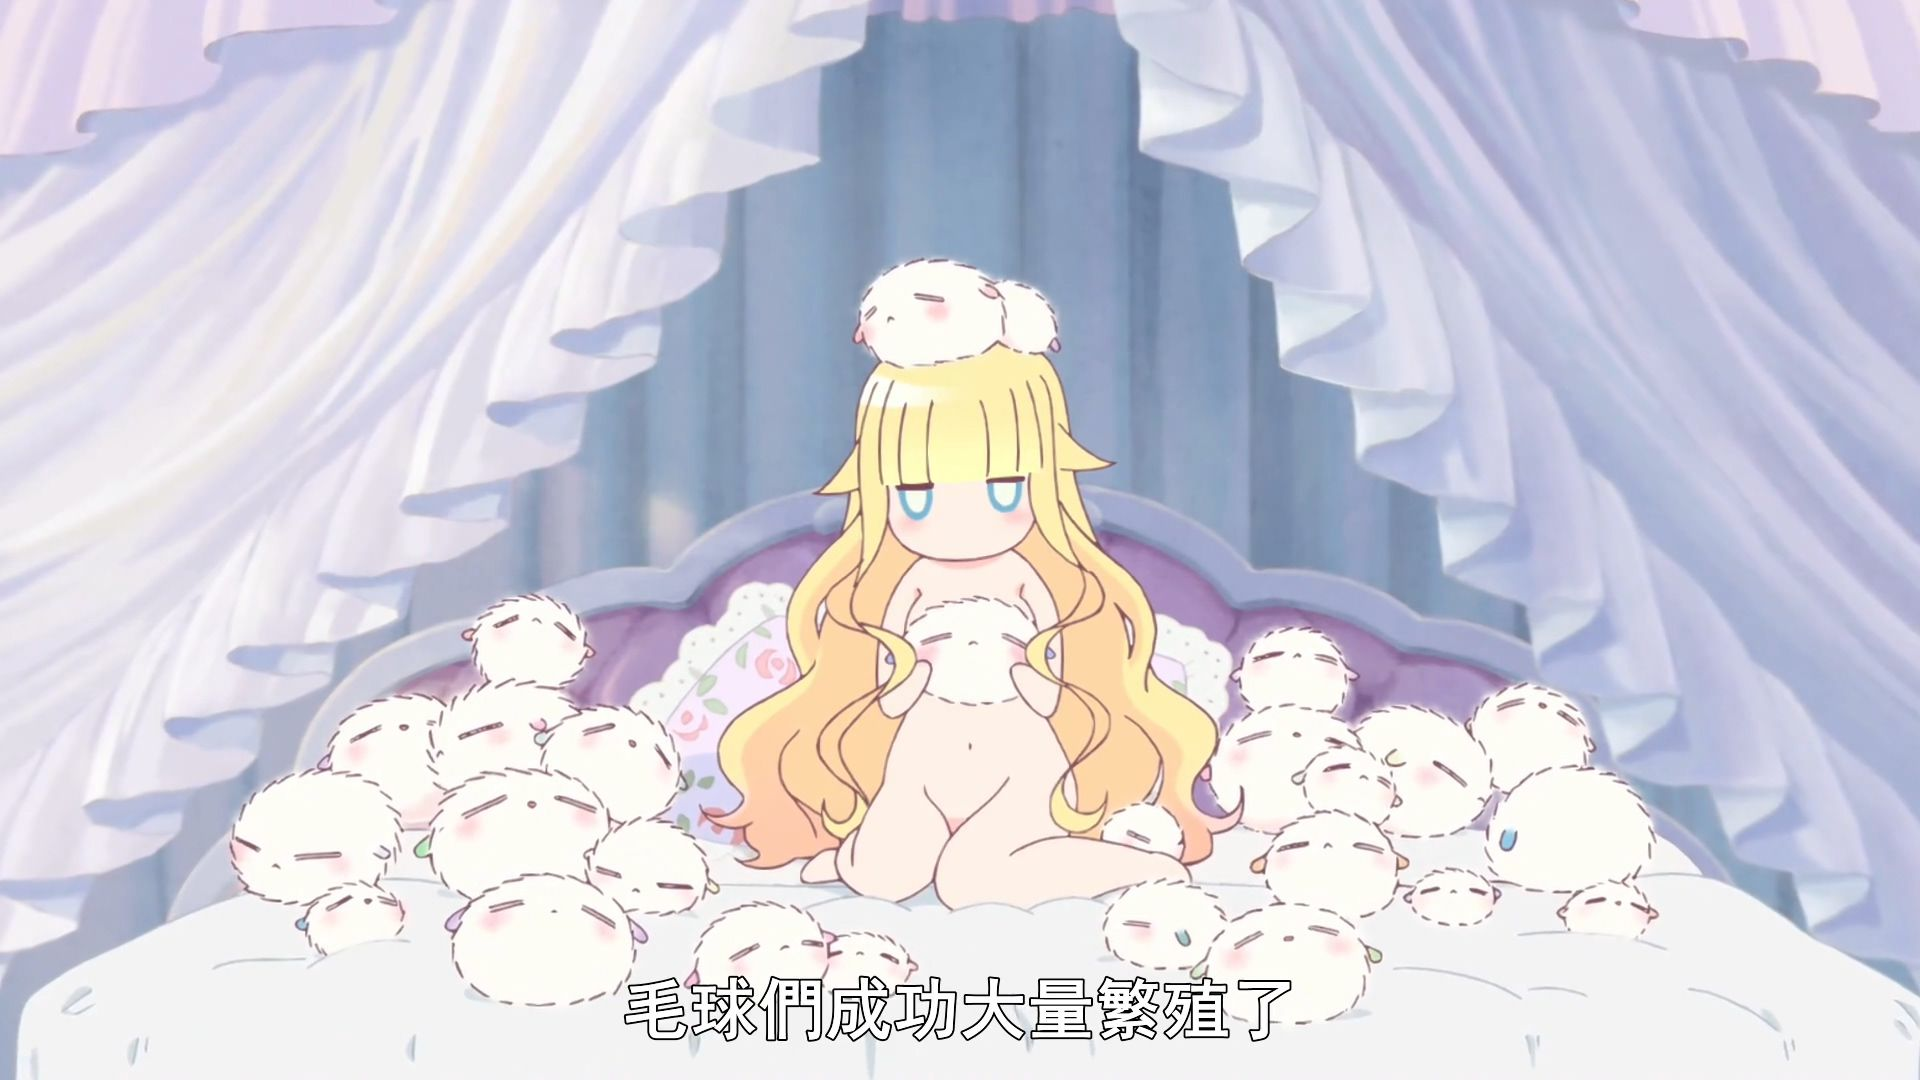 图25-2 ep1 喜欢裸睡和软绵绵的东西的女主,[别西卜(Beelzebub)](https://baike.baidu.com/item/别西卜/7268),与男主是 CP。